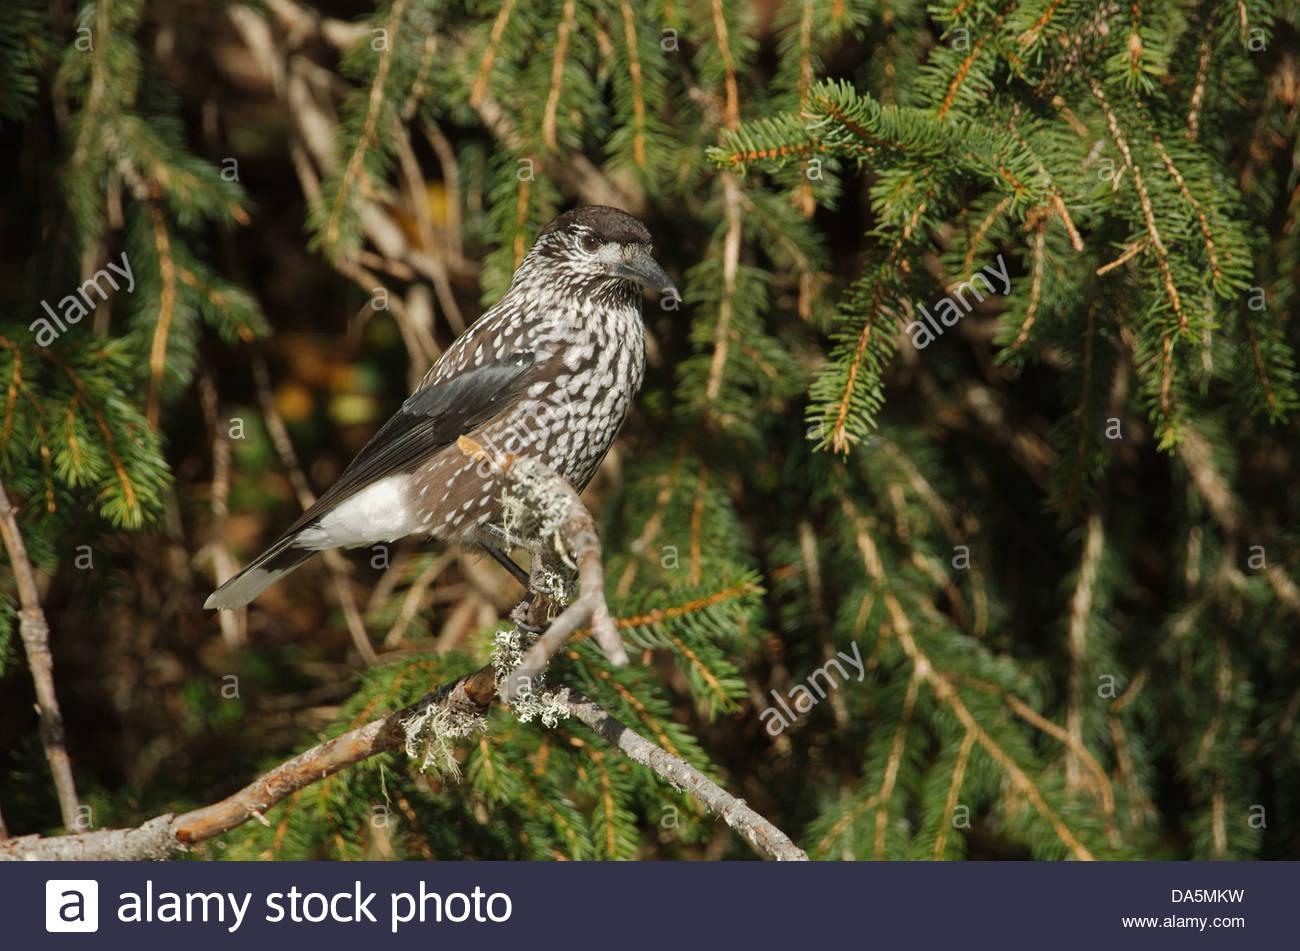 Switzerland, Europe, Arosa, bird, birds songbird, nutcracker, forest, fir - Stock Image